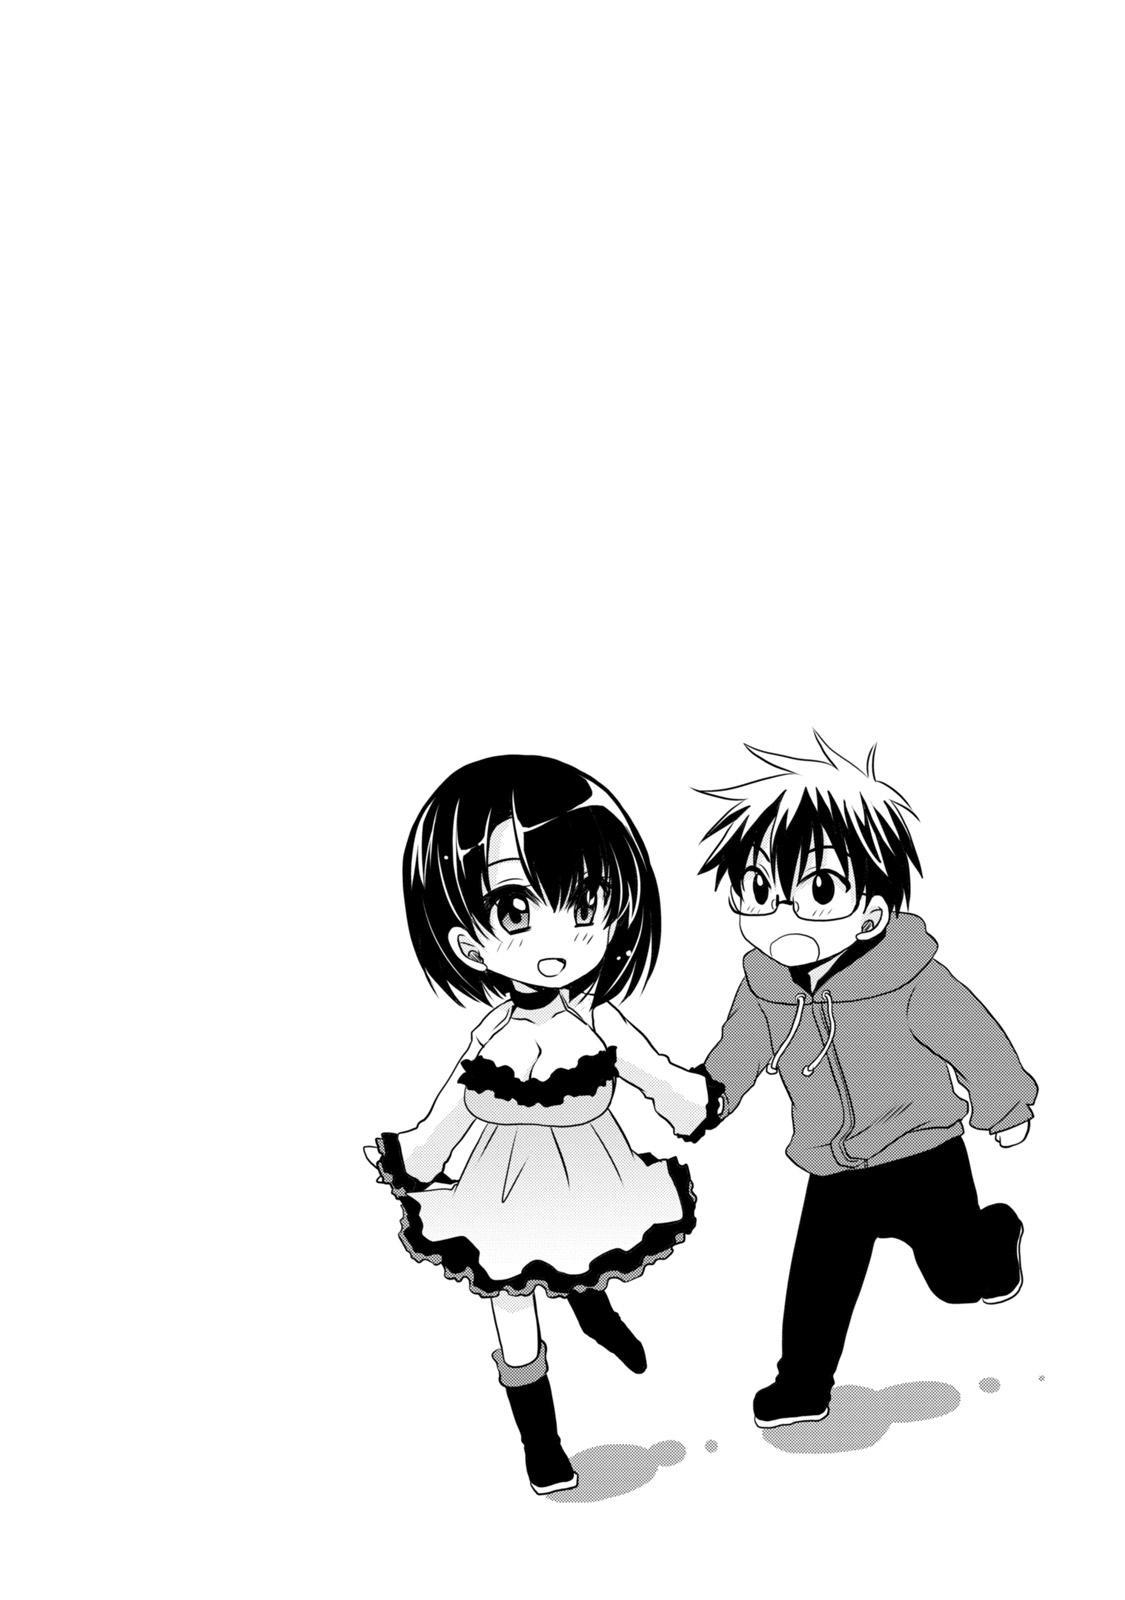 Ore to Kanojo to Owaru Sekai - World's end LoveStory 1 128